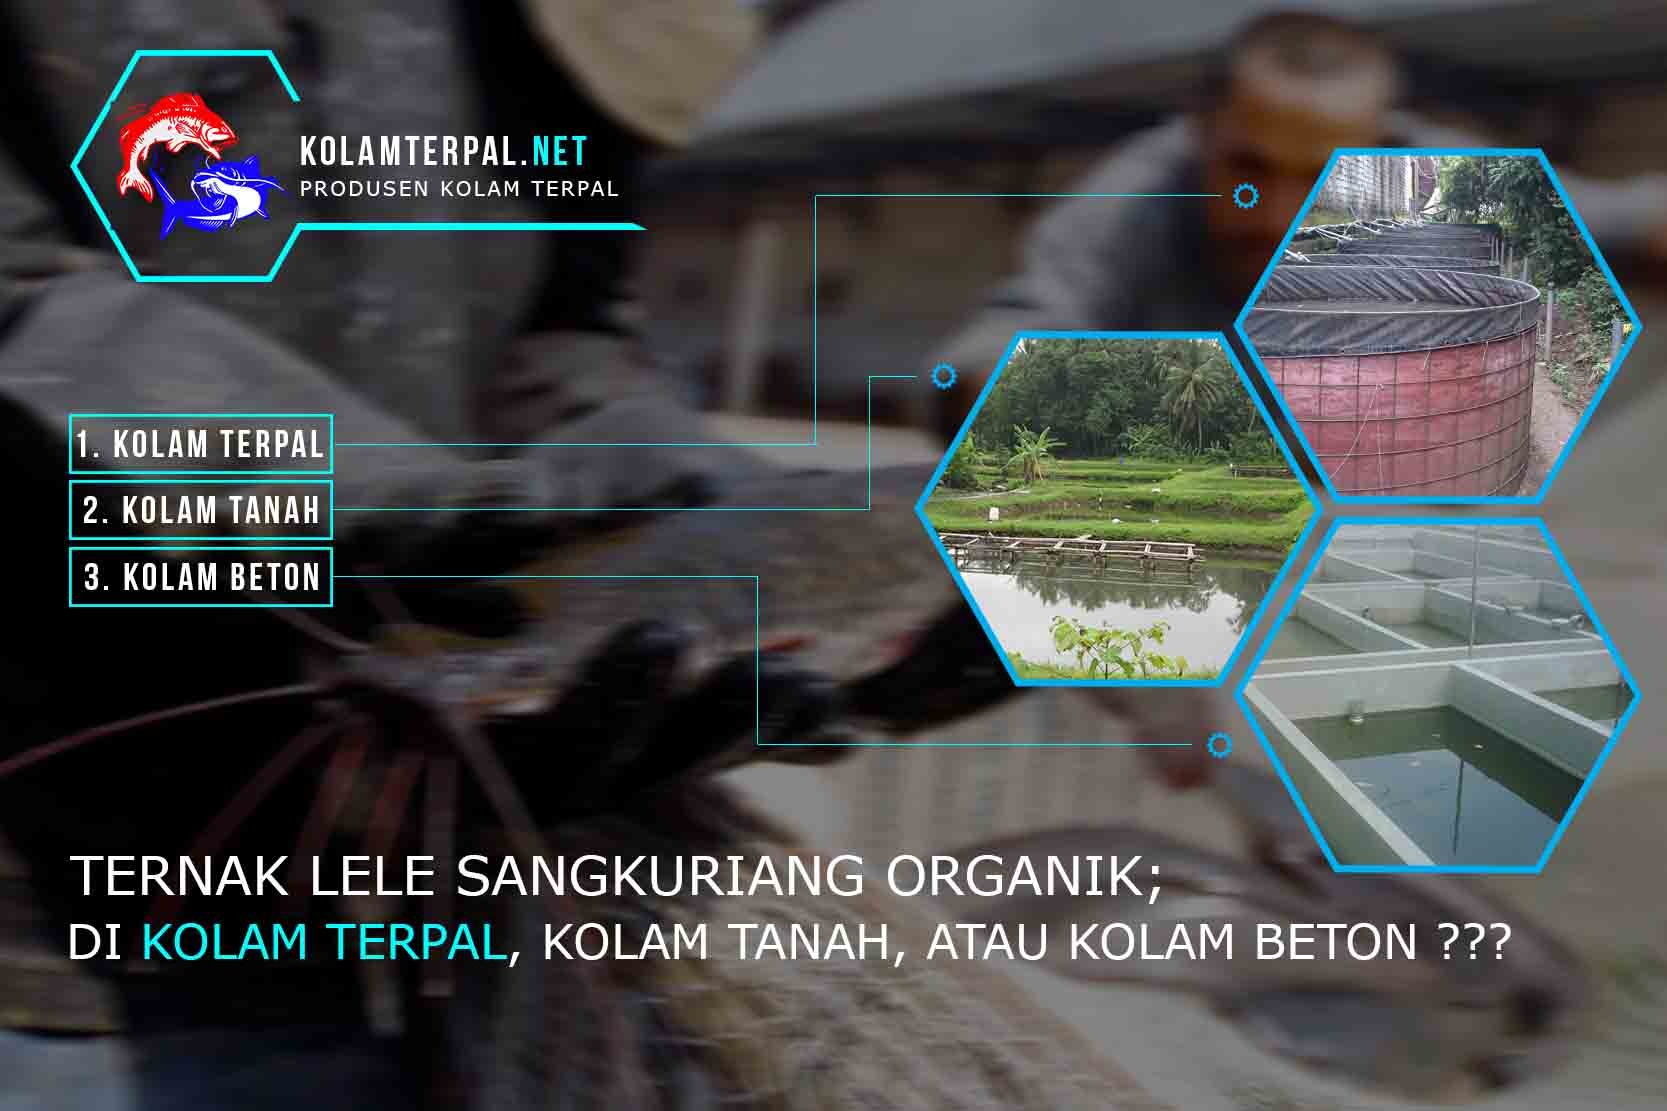 ternak-lele-sangkuriang-organik-kolam-terpal-beton-pemula